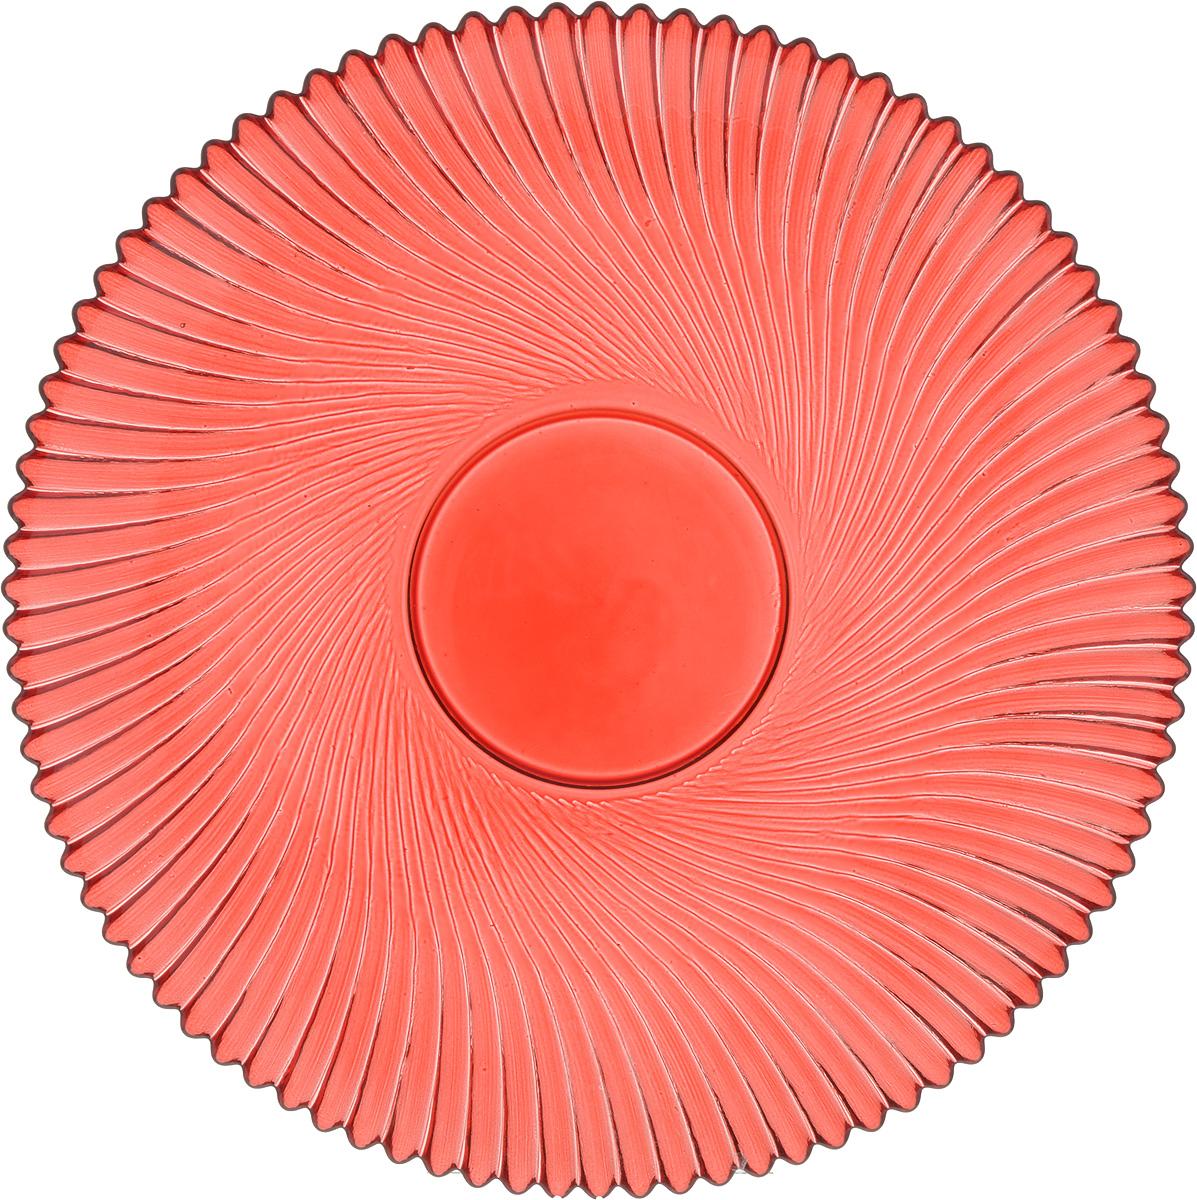 Тарелка NiNaGlass Альтера, цвет: рубиновый, диаметр 21 см83-066-ф210 РУБТарелка NiNaGlass Альтера выполнена из высококачественного стекла и оформлена красивым рельефным узором. Тарелка идеальна для подачи вторых блюд, а также сервировки закусок, нарезок, десертов и многого другого. Она отлично подойдет как для повседневных, так и для торжественных случаев.Такая тарелка прекрасно впишется в интерьер вашей кухни и станет достойным дополнением к кухонному инвентарю.